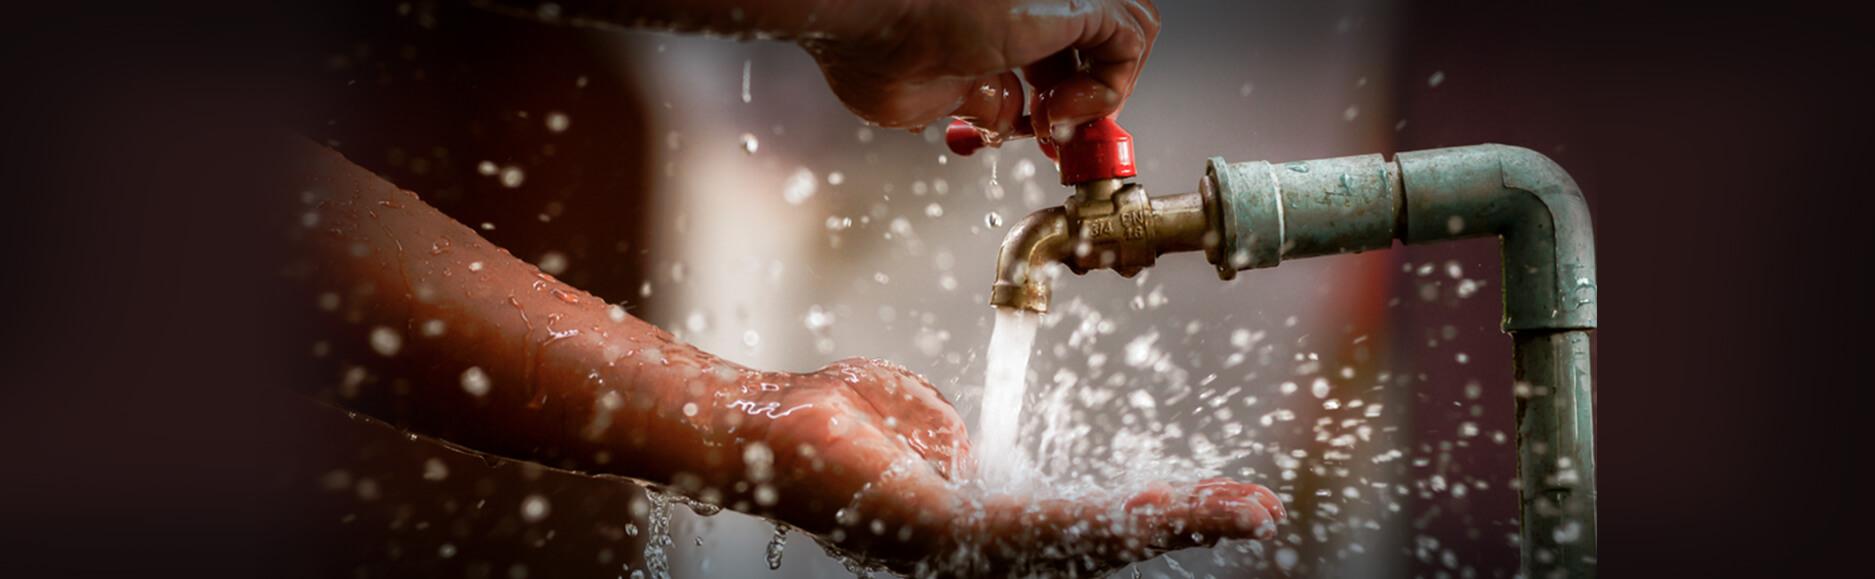 Gestão municipal da água: 6 vantagens do uso da tecnologia